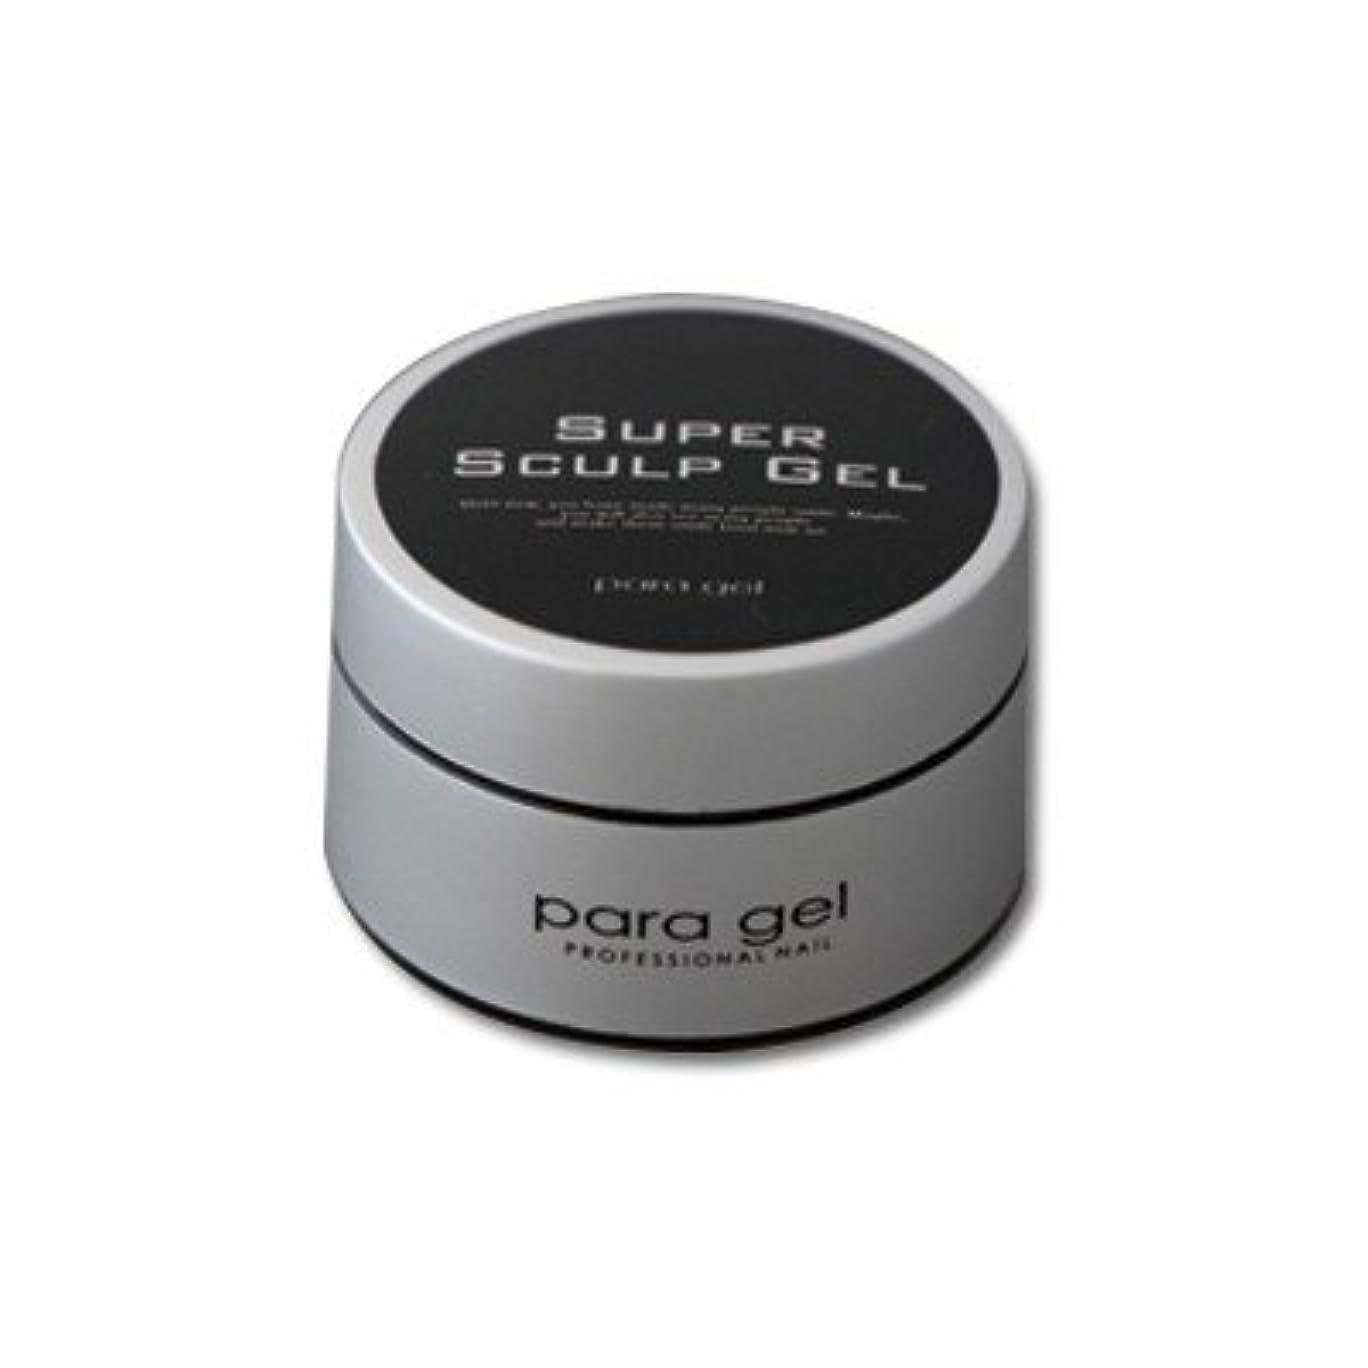 振り子不明瞭側para gel(パラジェル) スーパースカルプジェル 10g